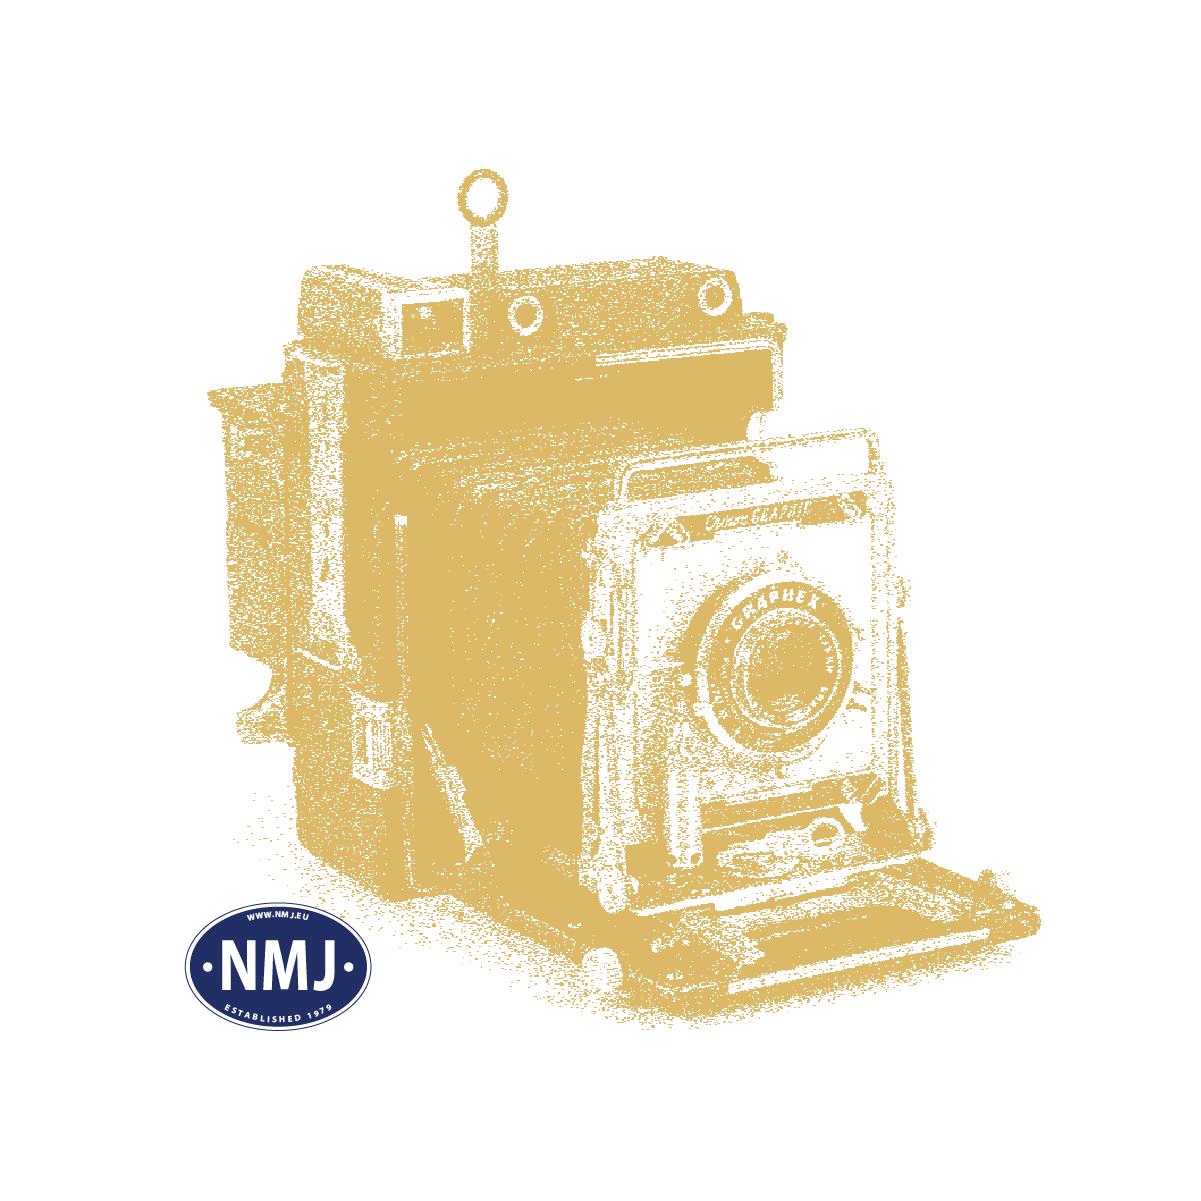 NMJS39.168 - NMJ Superline NSB Type 39.168